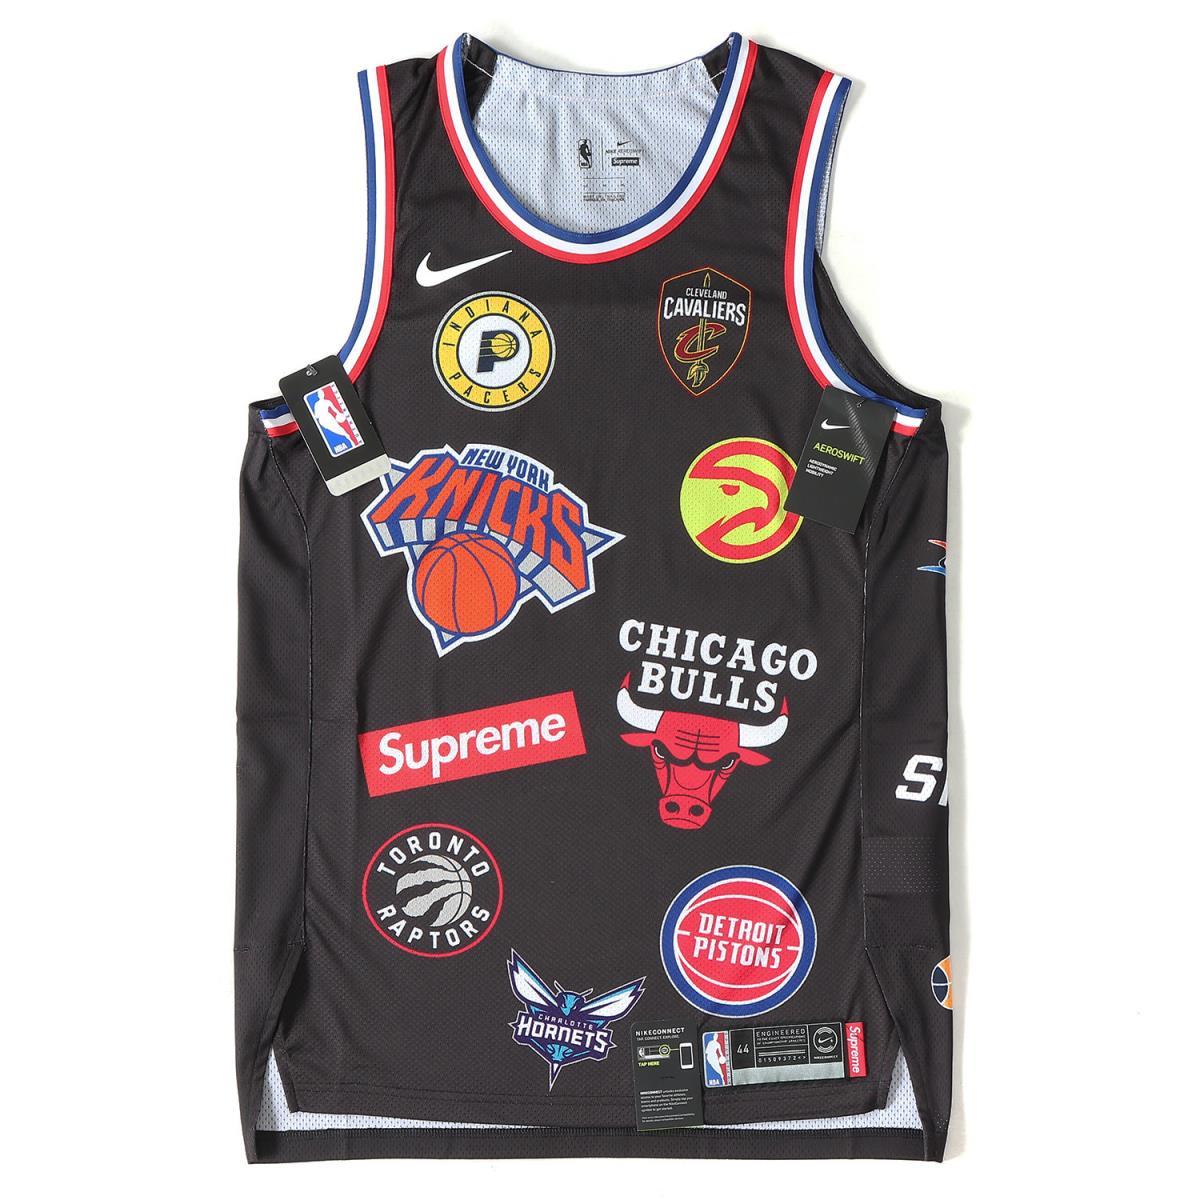 Supreme (シュプリーム) 18S/S ×NIKE×NBA マルチロゴバスケタンクトップ(Authentic Jersey) ブラック M 【メンズ】【新品同様】【K2071】【中古】【あす楽☆対応可】